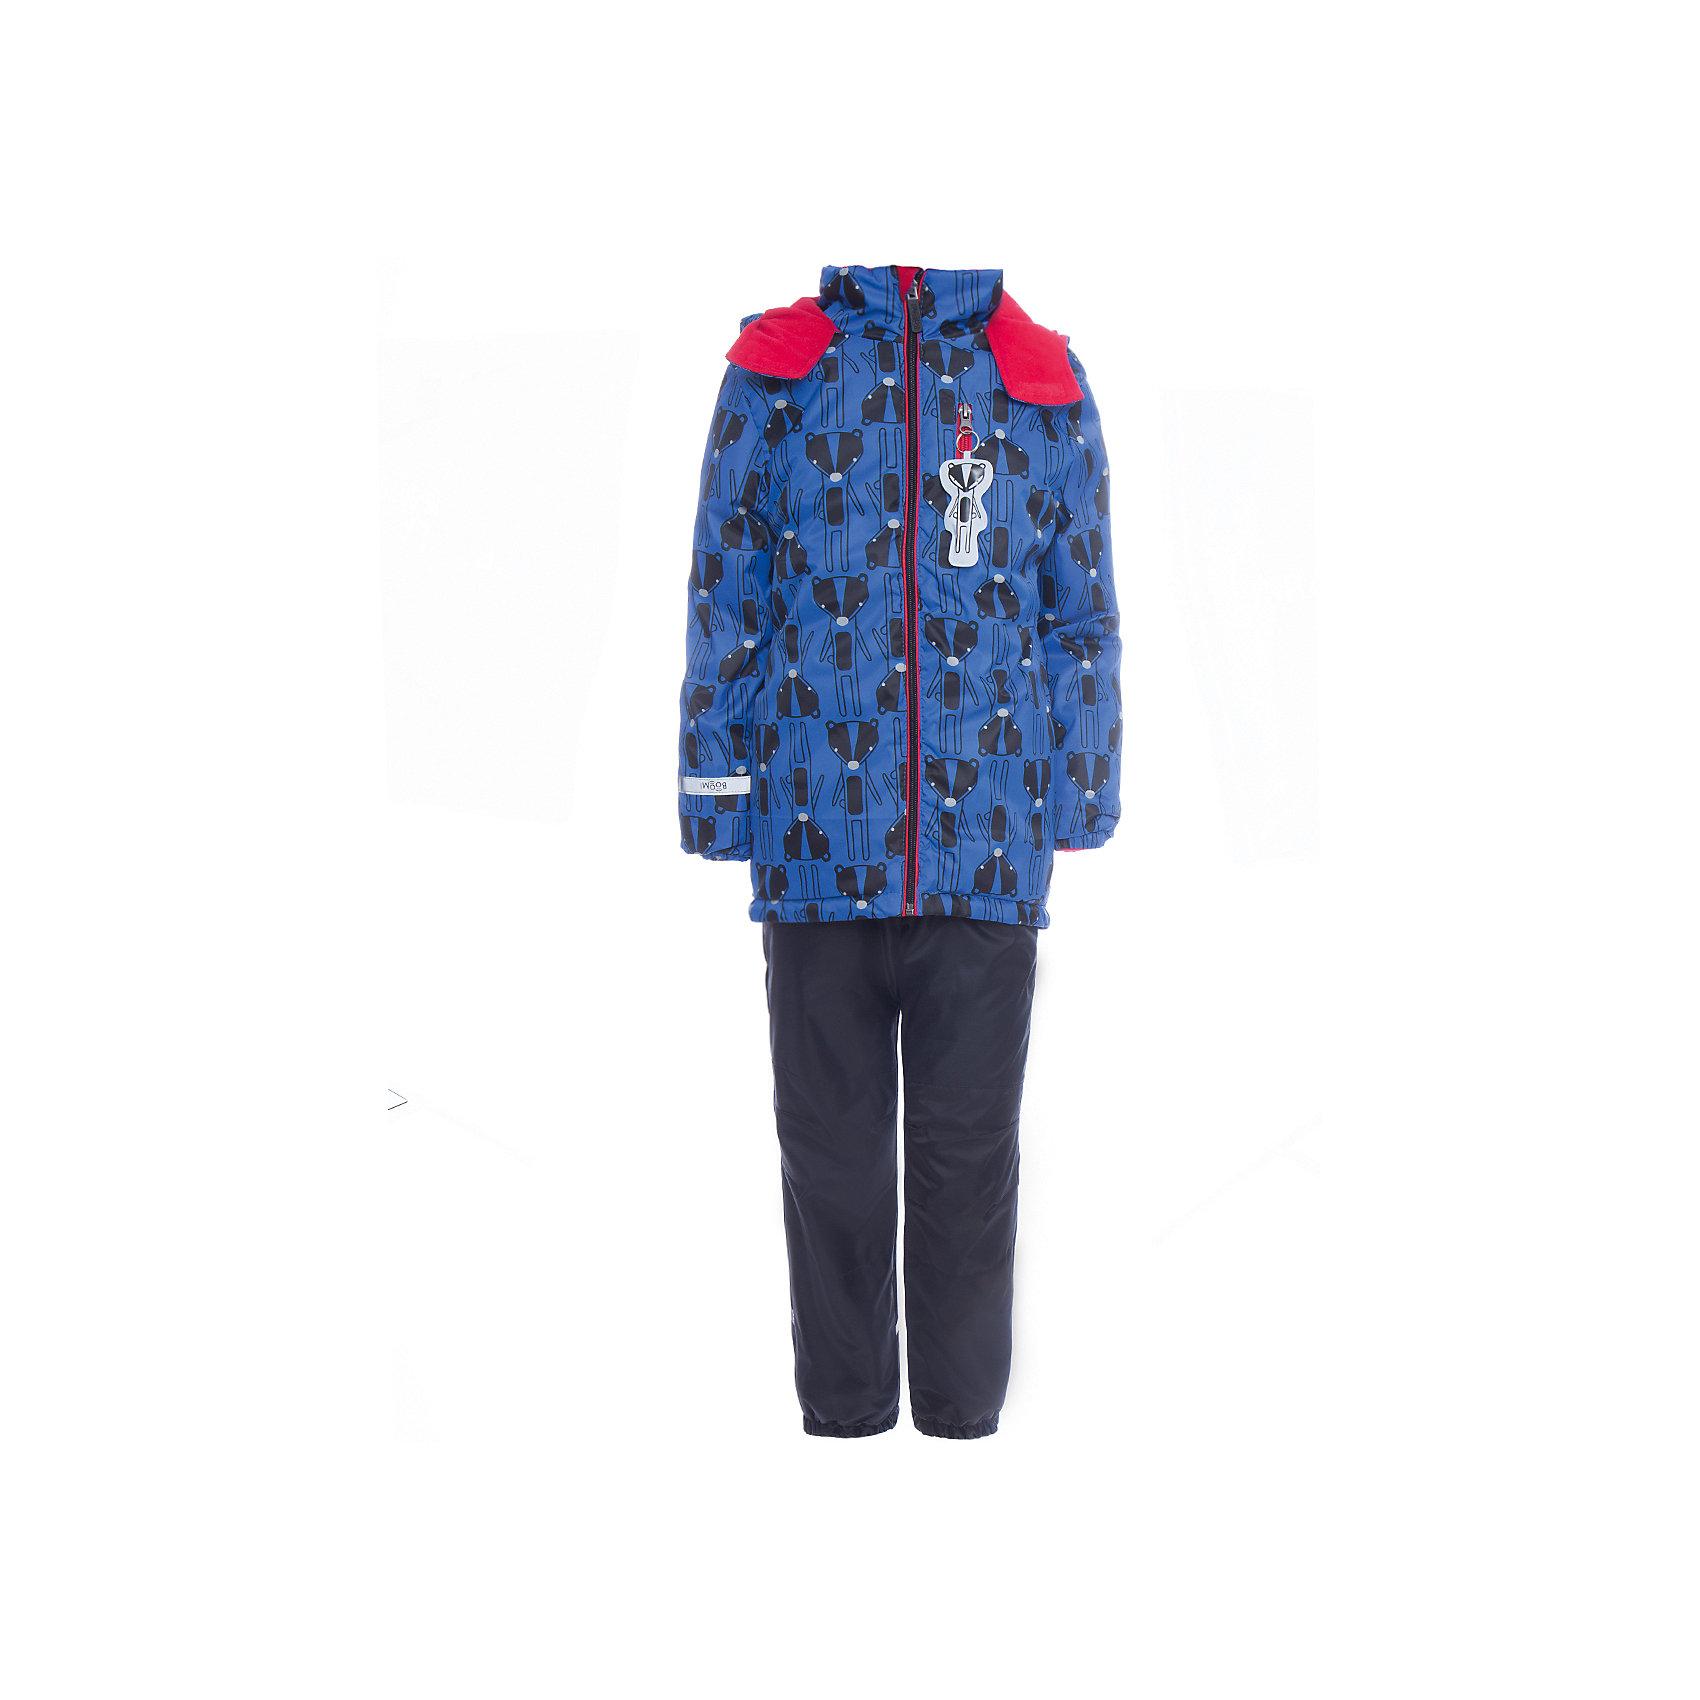 Комплект: куртка и брюки BOOM by Orby для мальчикаВерхняя одежда<br>КУРТКА:<br>Ткань верха:<br>Нейлон с мембранным покрытием 3000*3000 принт; <br>Подкладка:<br>Поларфлис; ПЭ пуходержащий<br>Утеплитель:<br>FiberSoft 150 г/м2<br>БРЮКИ:<br>Ткань верха:<br>Нейлон с мембранным покрытием 3000*3000<br>Подкладка:<br>Поларфлис;<br>Состав:<br>100% полиэстер<br><br>Ширина мм: 356<br>Глубина мм: 10<br>Высота мм: 245<br>Вес г: 519<br>Цвет: синий<br>Возраст от месяцев: 72<br>Возраст до месяцев: 84<br>Пол: Мужской<br>Возраст: Детский<br>Размер: 92,98,110,116,122,104,86<br>SKU: 7007366